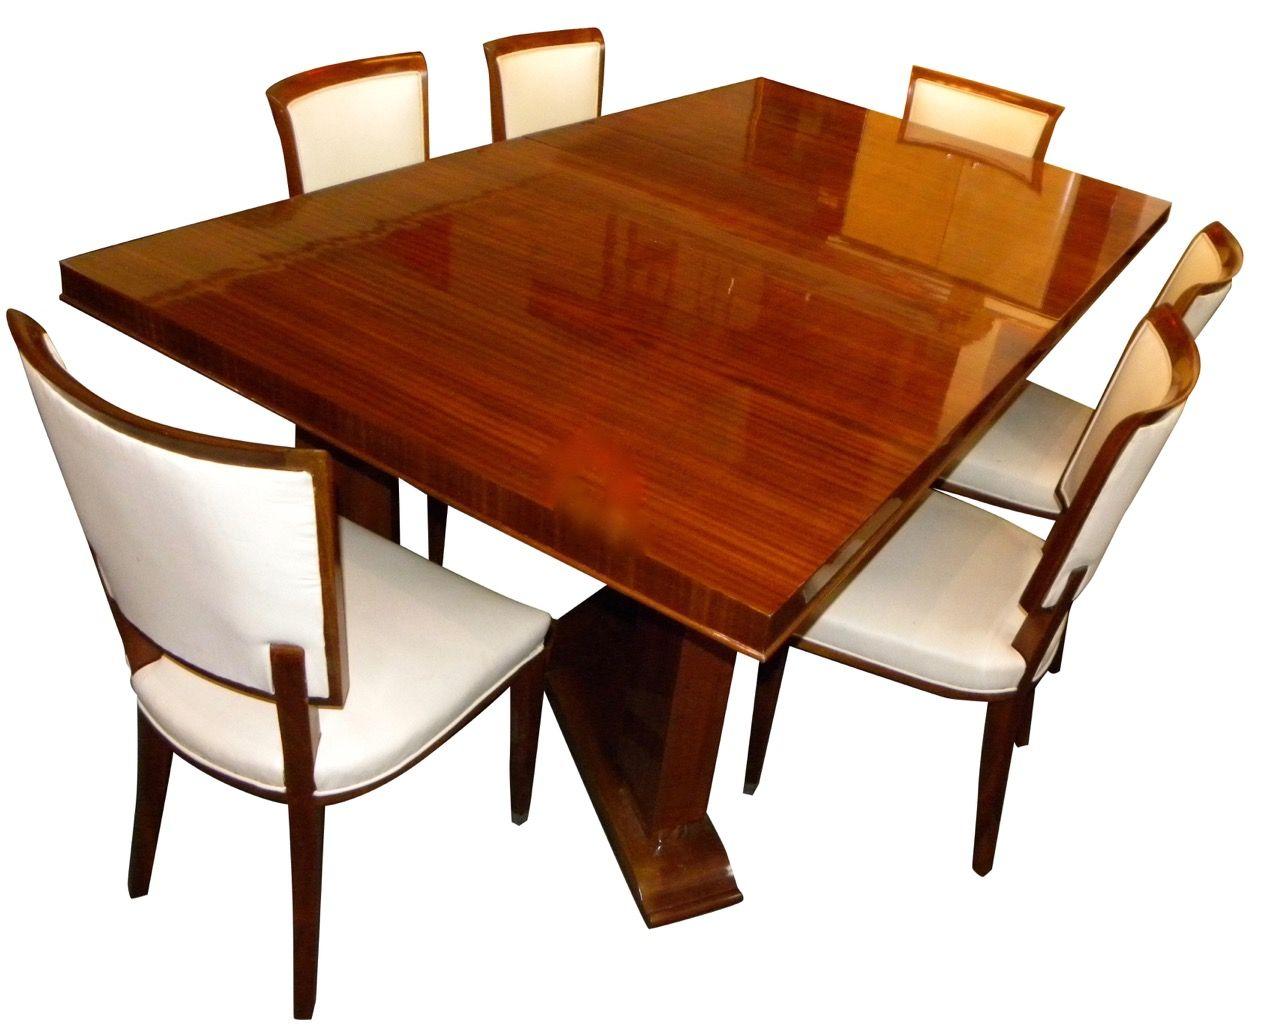 Jules Leleu Dining Room Table Chairs 1937 Paris Exhibition Art DecoTable